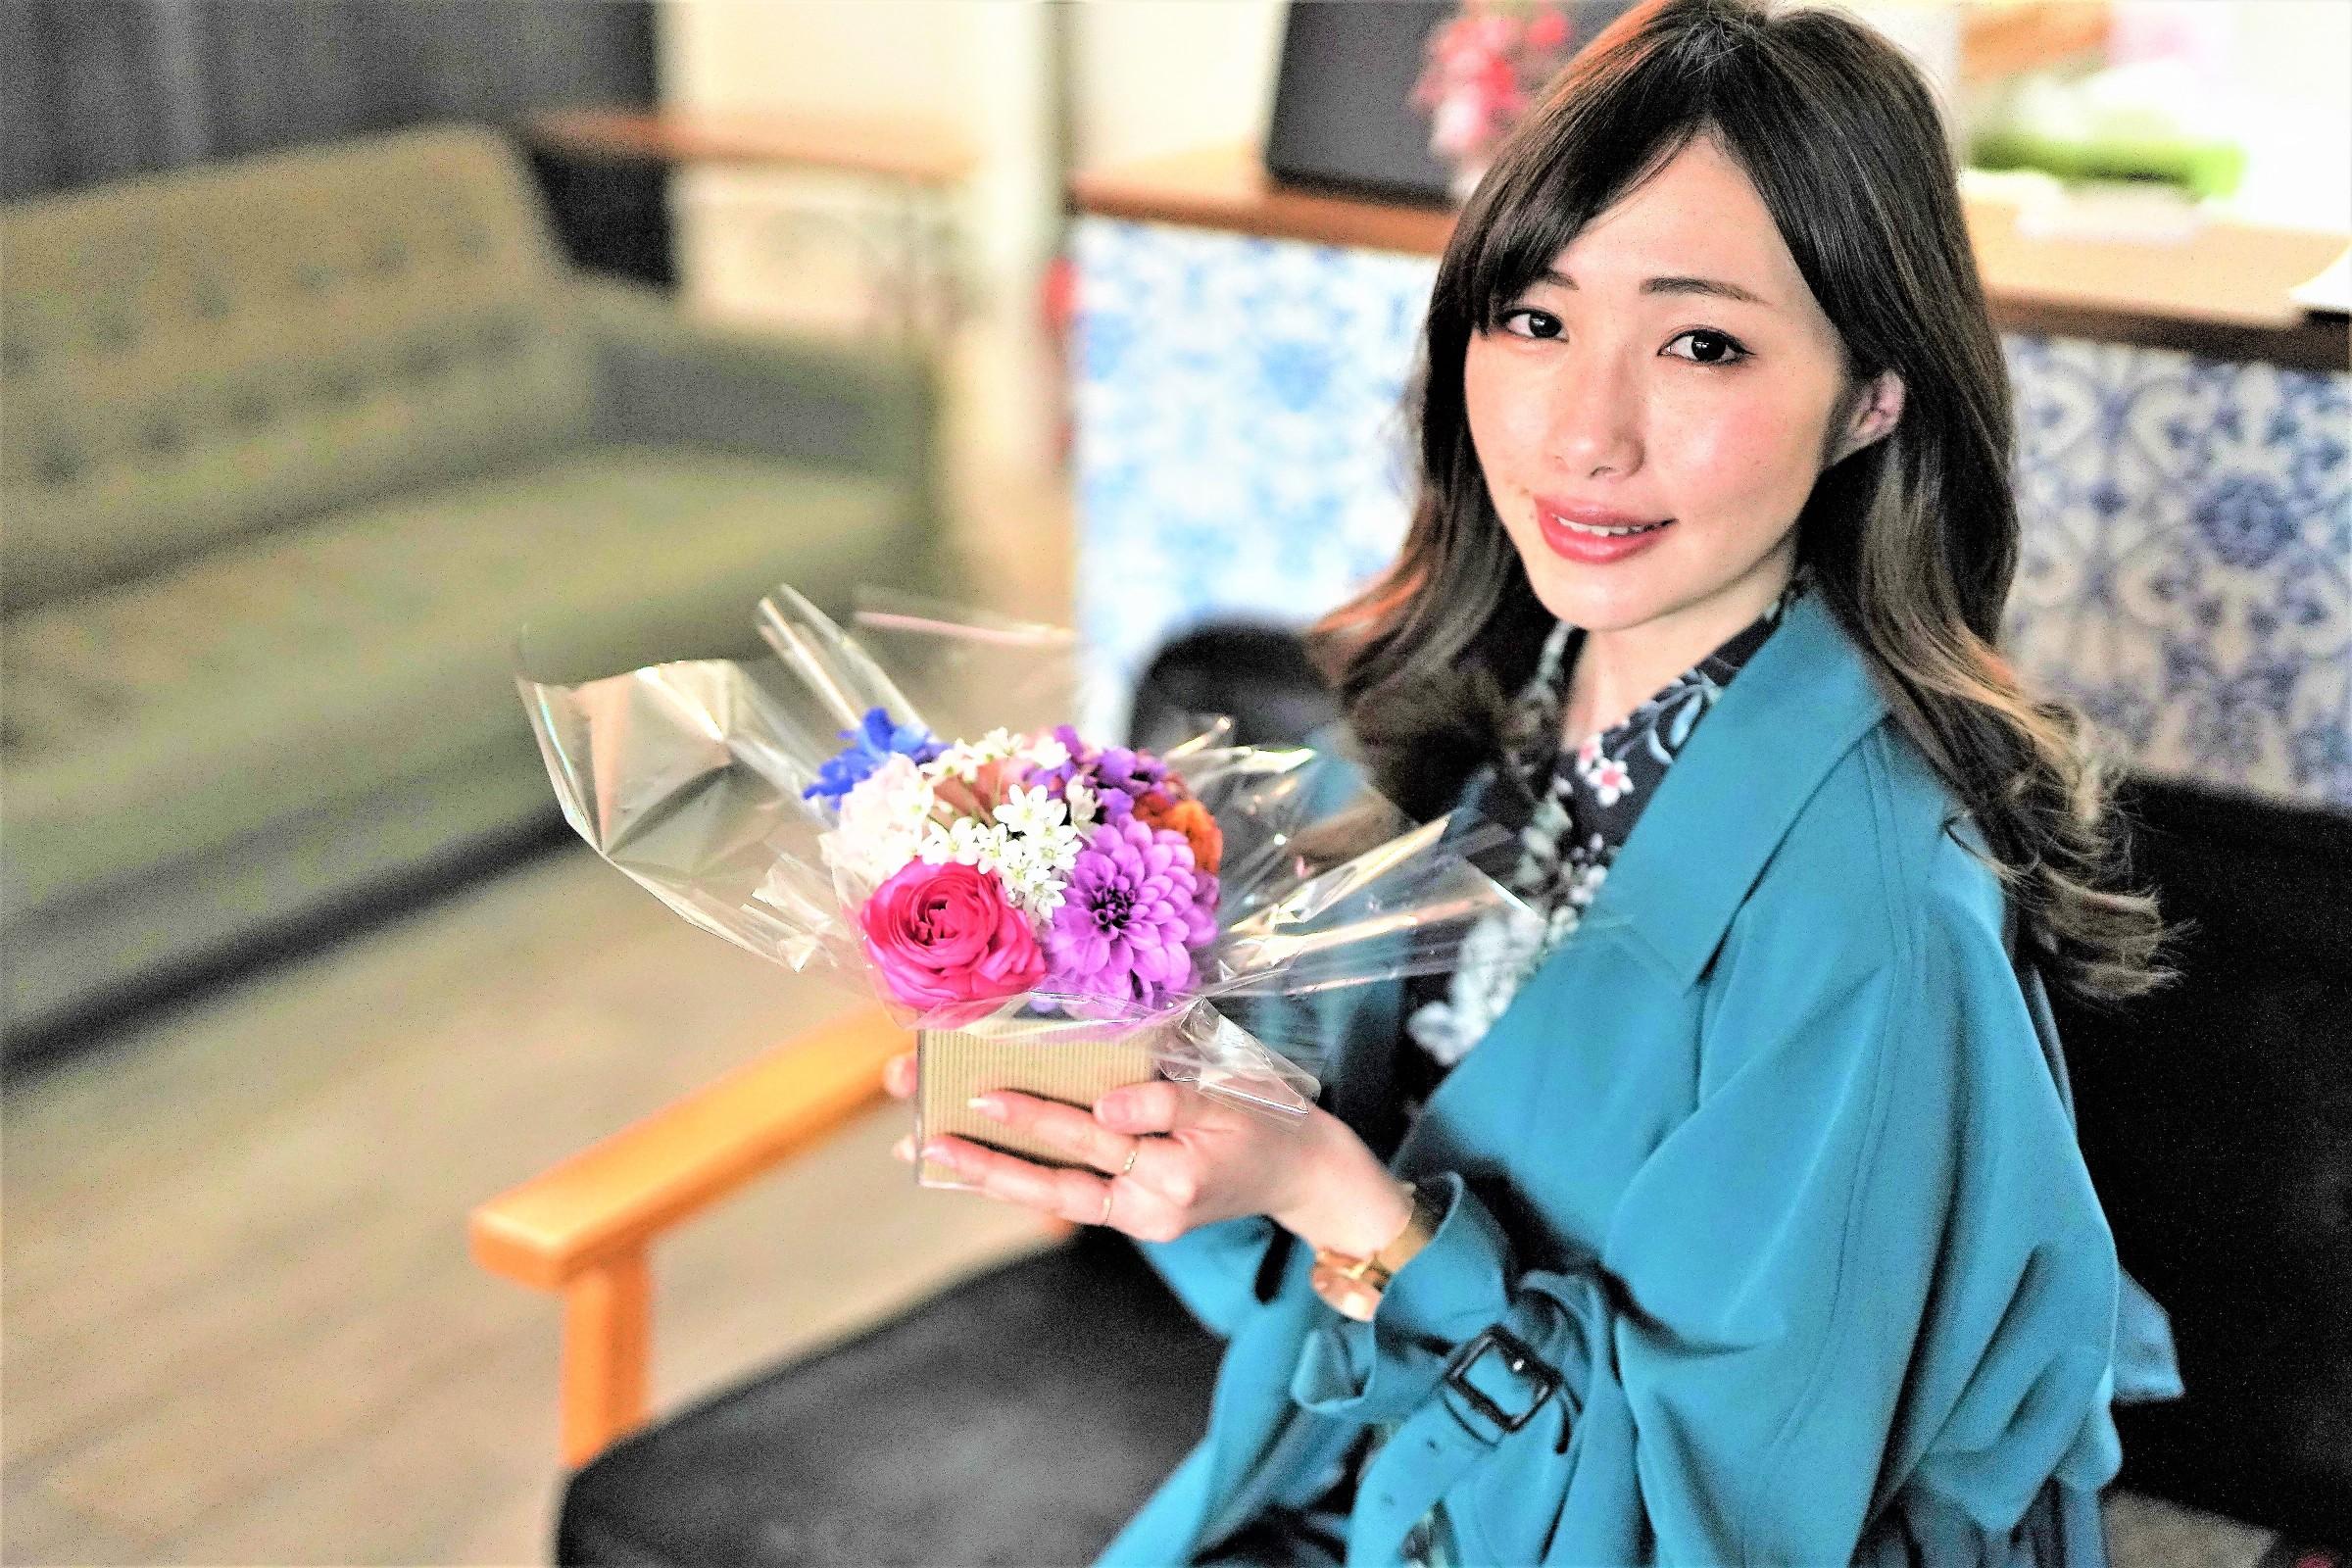 頭に花を盛れる贅沢体験とは?「HANANINGEN」であなただけの一枚を。 - hjvjhj 1